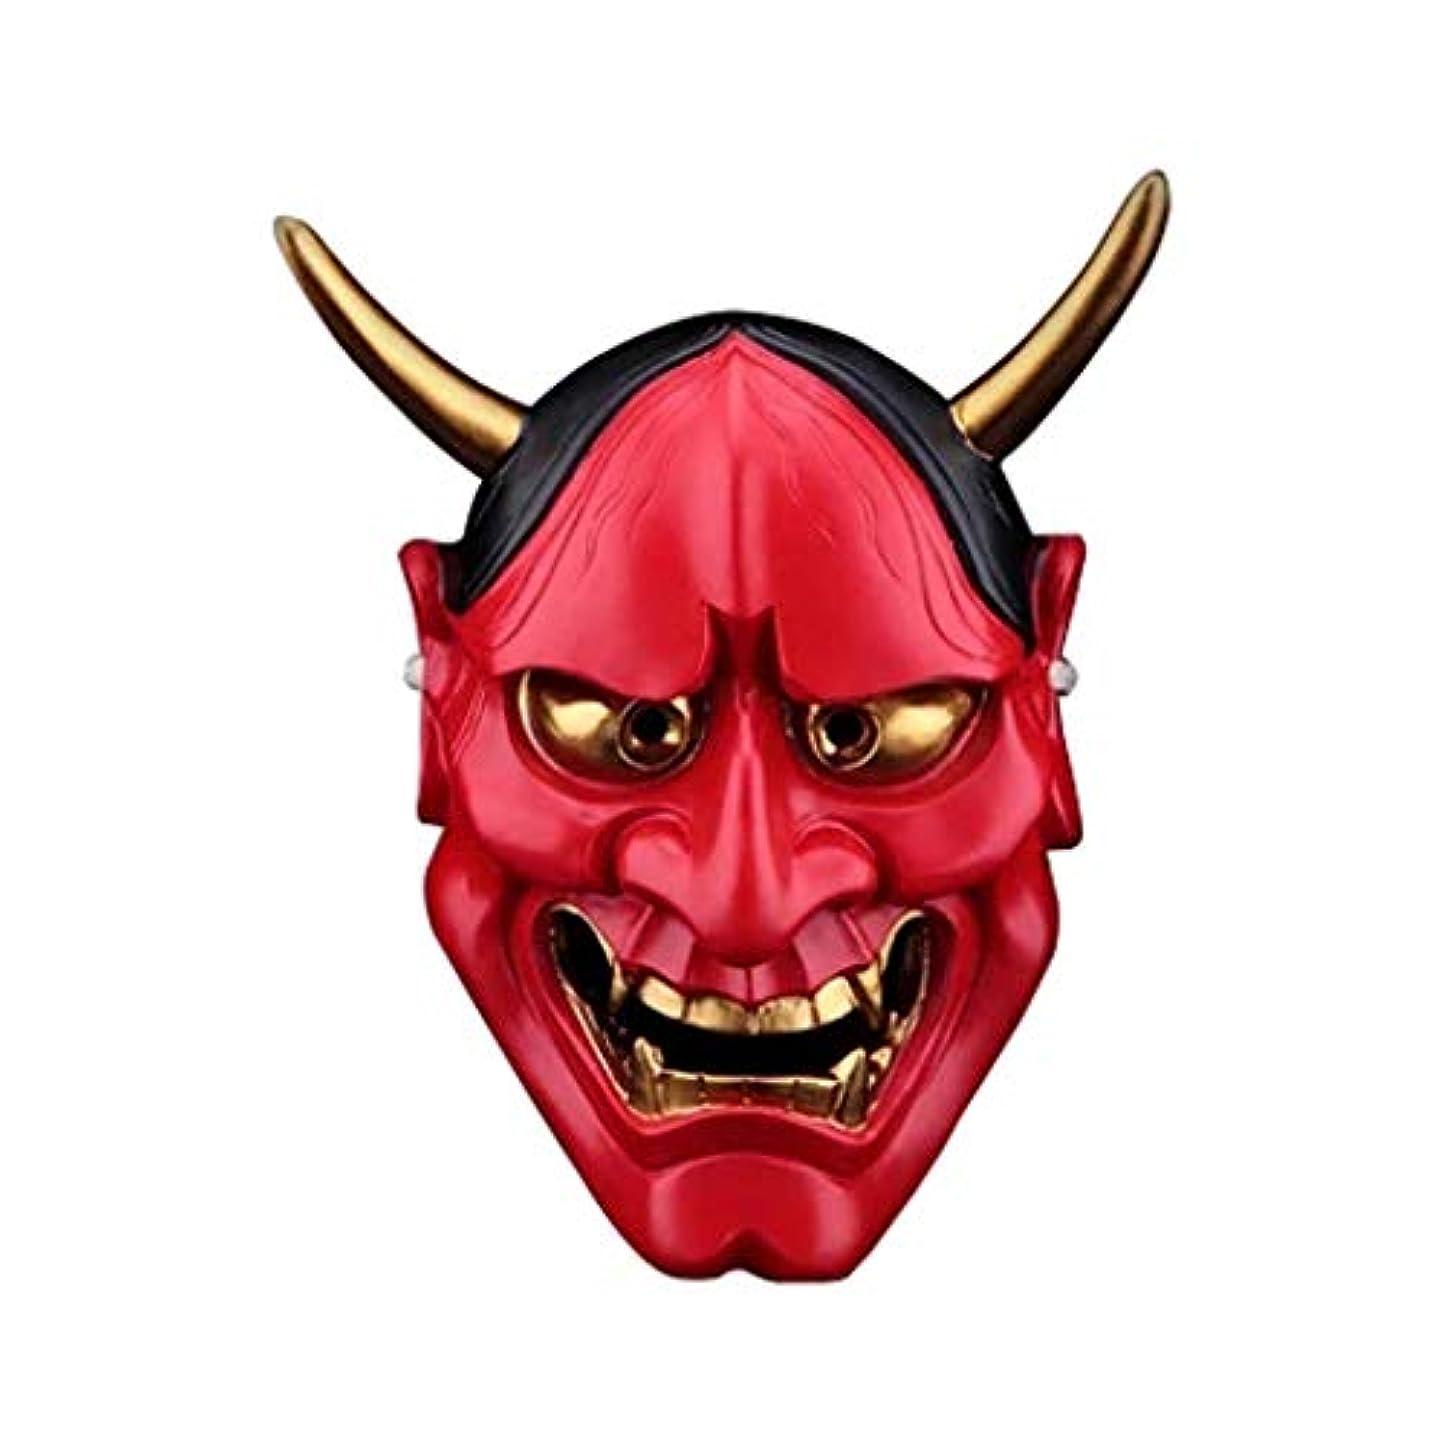 持参ブーム唯物論ハロウィンホラーマスク、成人用樹脂マスクデコレーション (Color : SILVER)